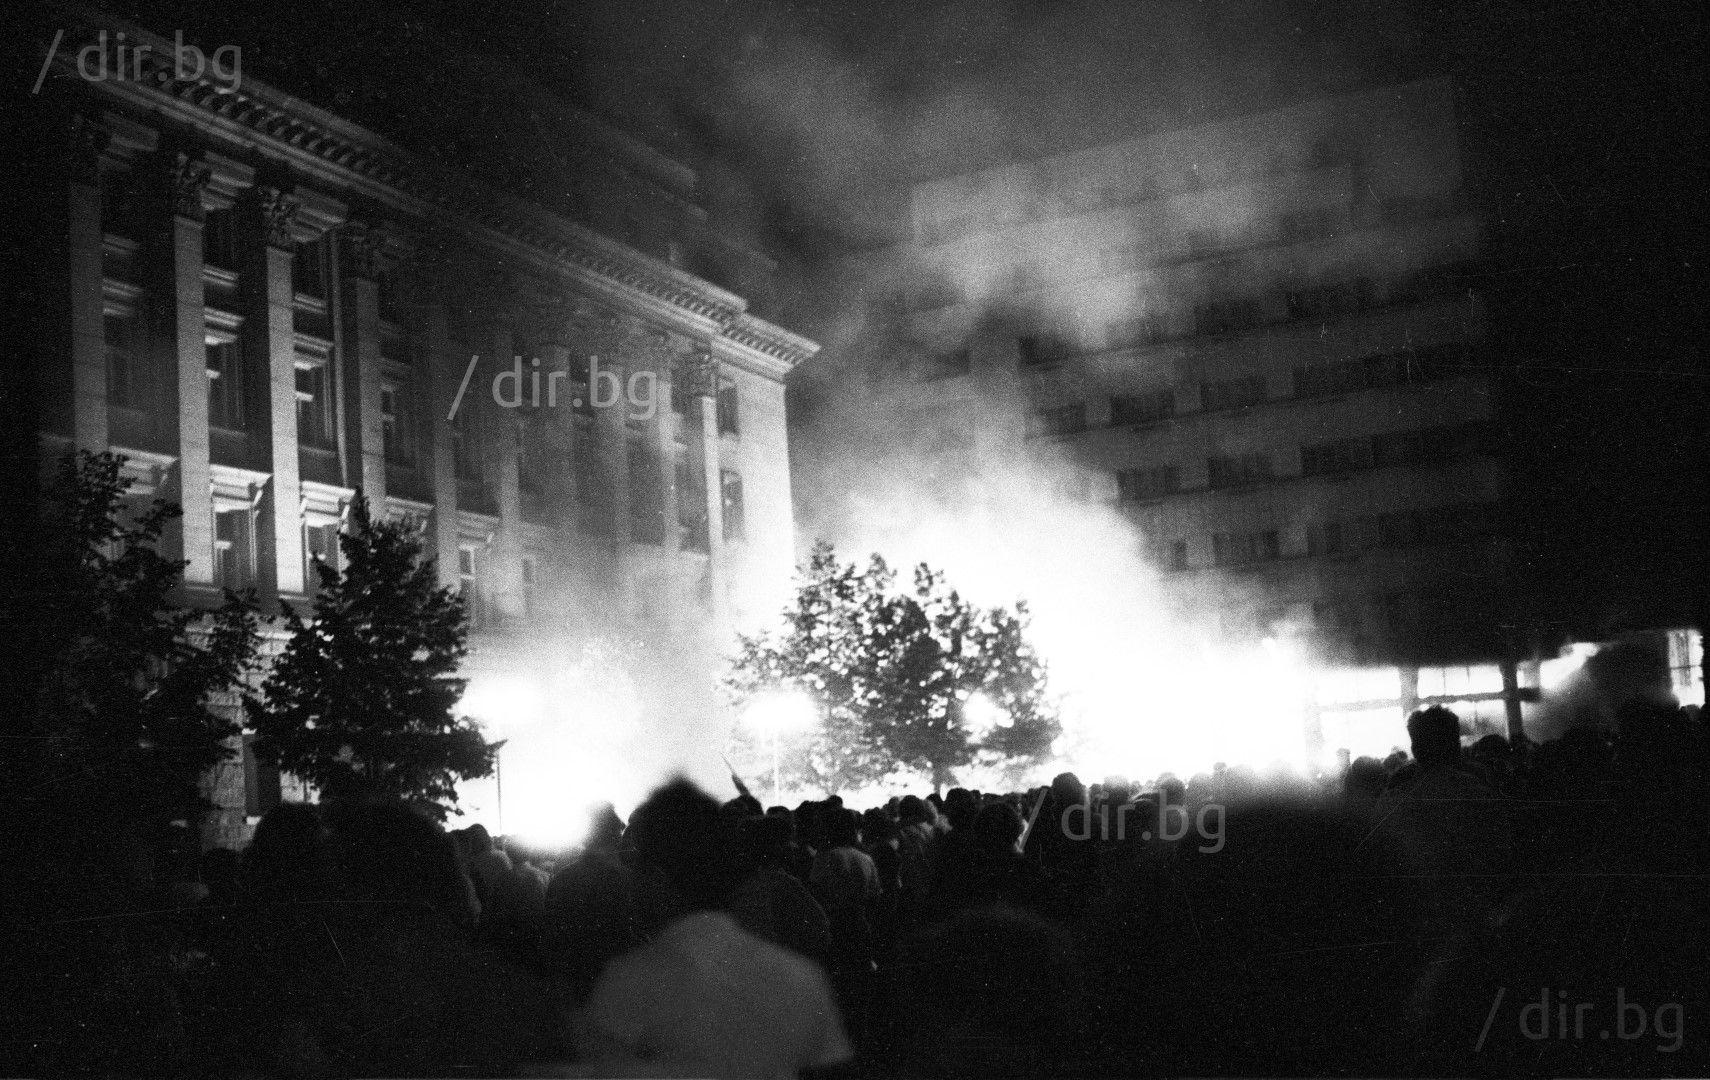 Палежът на Партийния дом, август 1990 г.